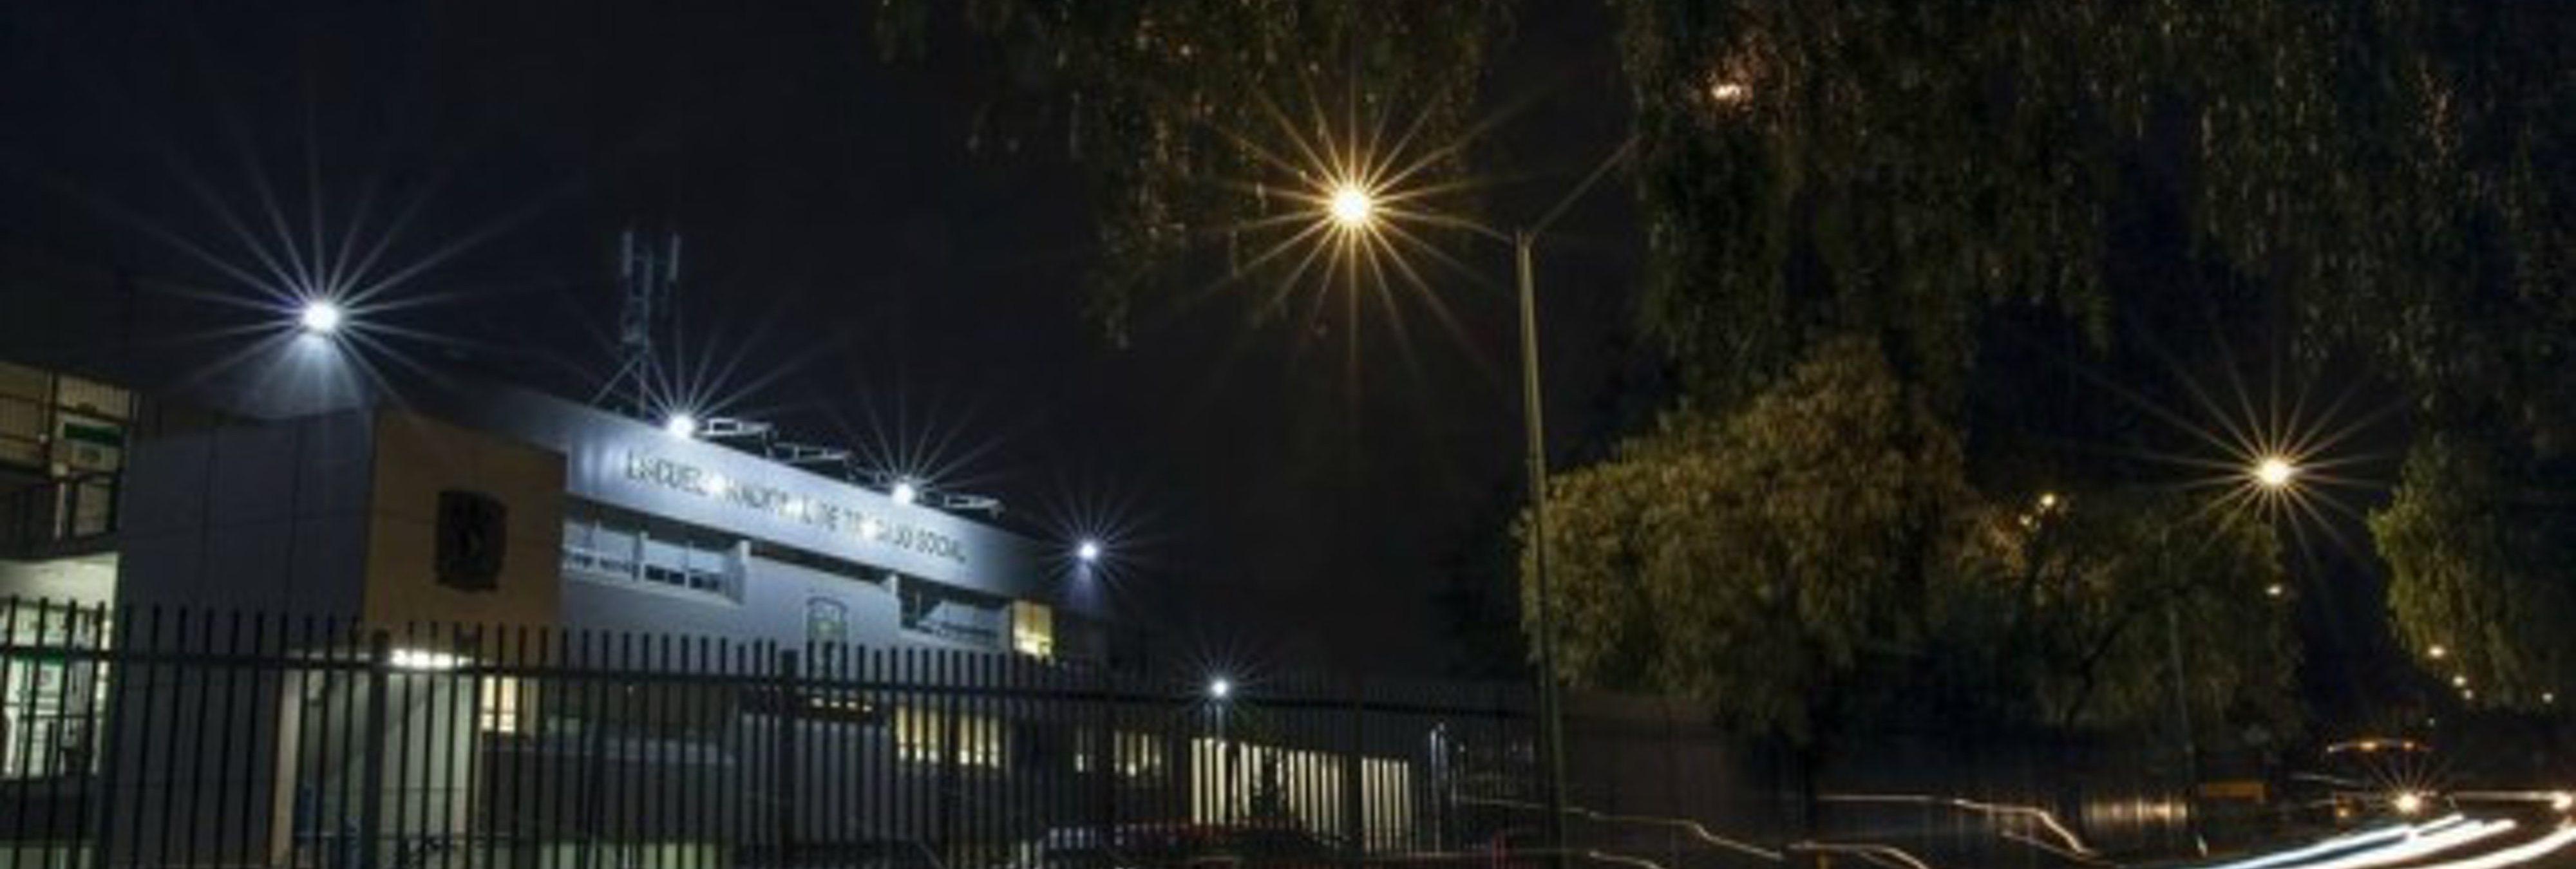 Las alumnas de la Universidad de México organizan grupos para ir al baño y evitar abusos